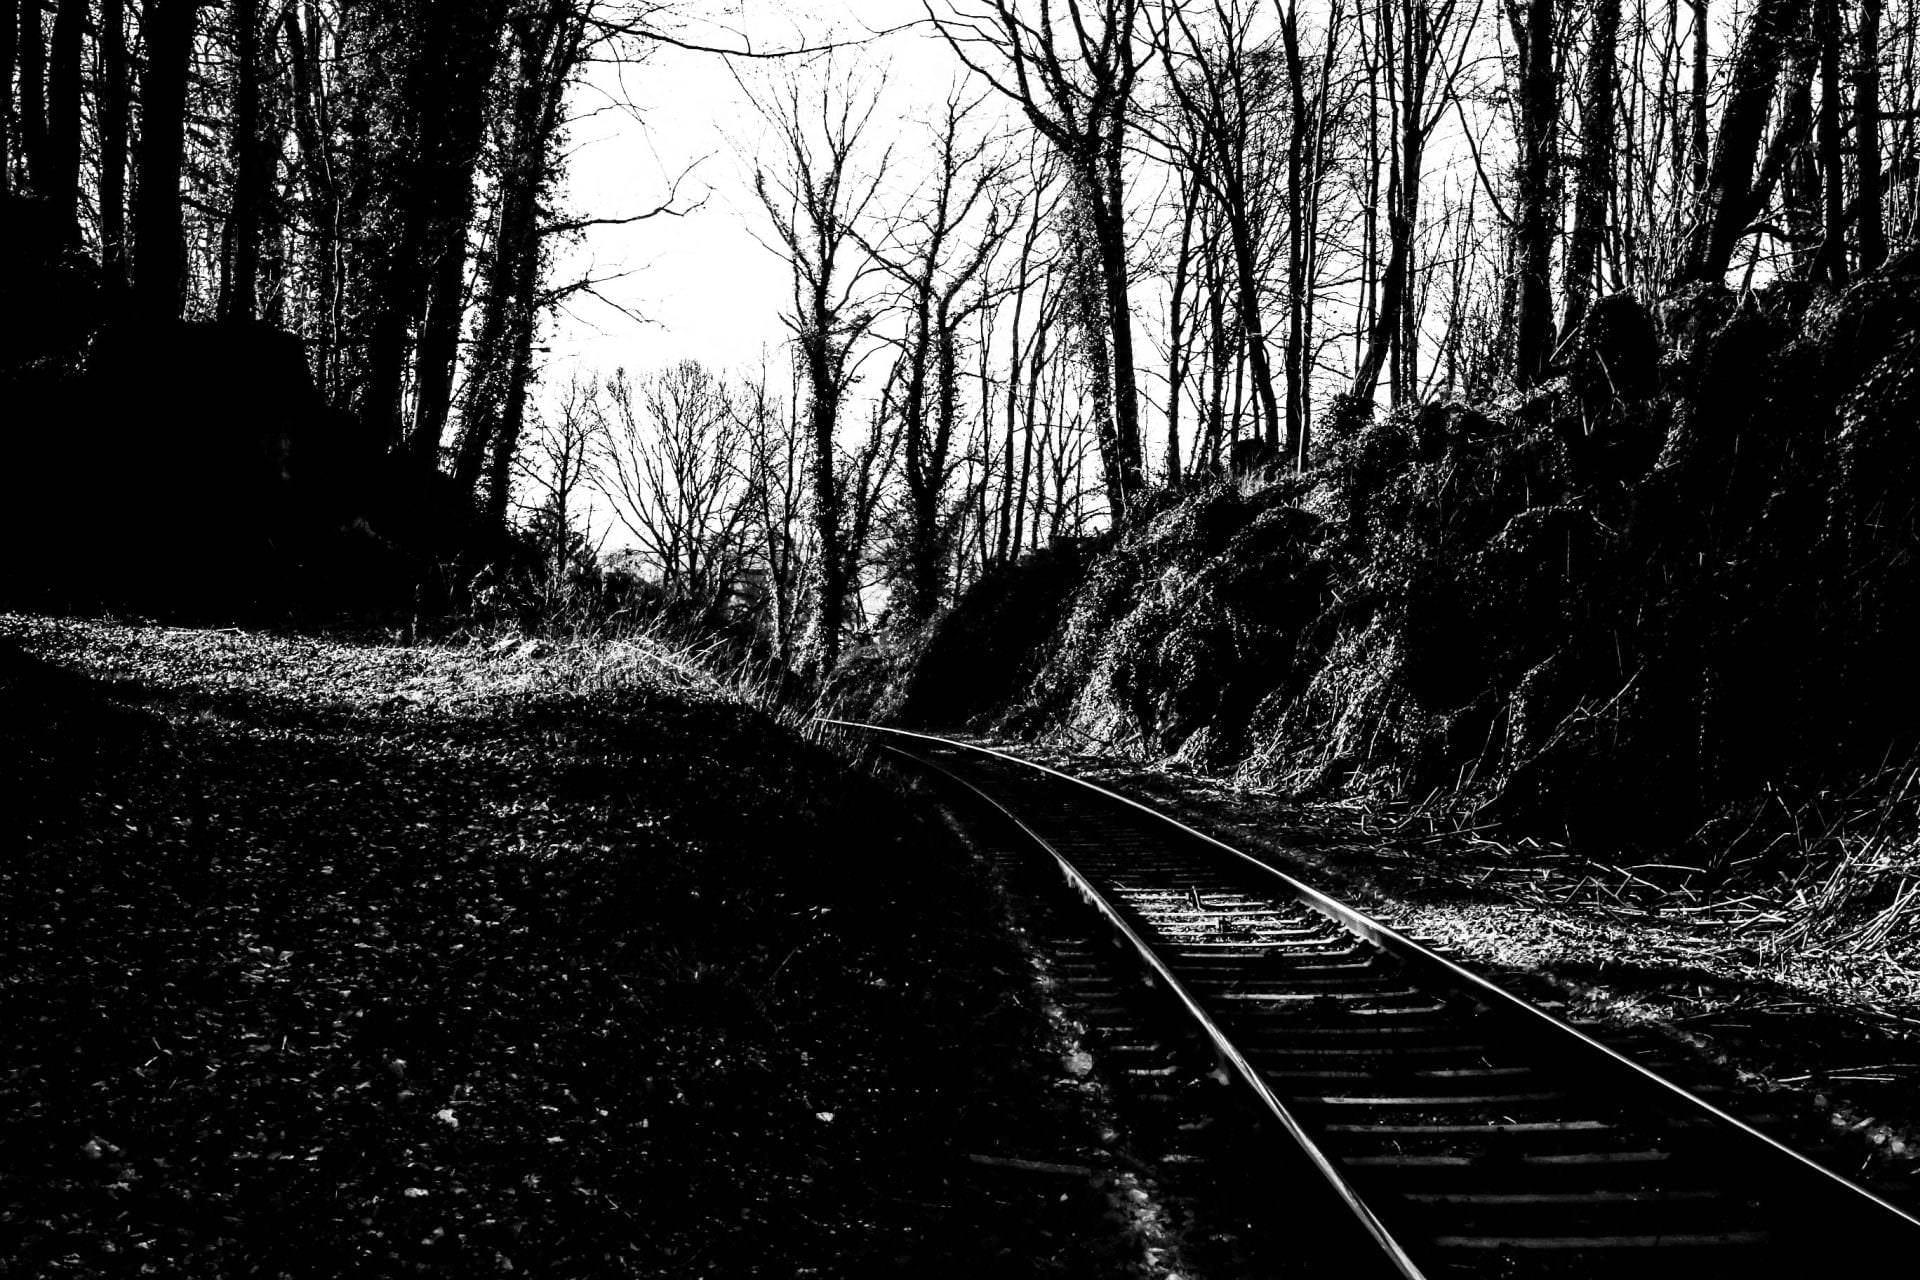 Strecke Flandersbach nach Abzweig Tiefenbroich